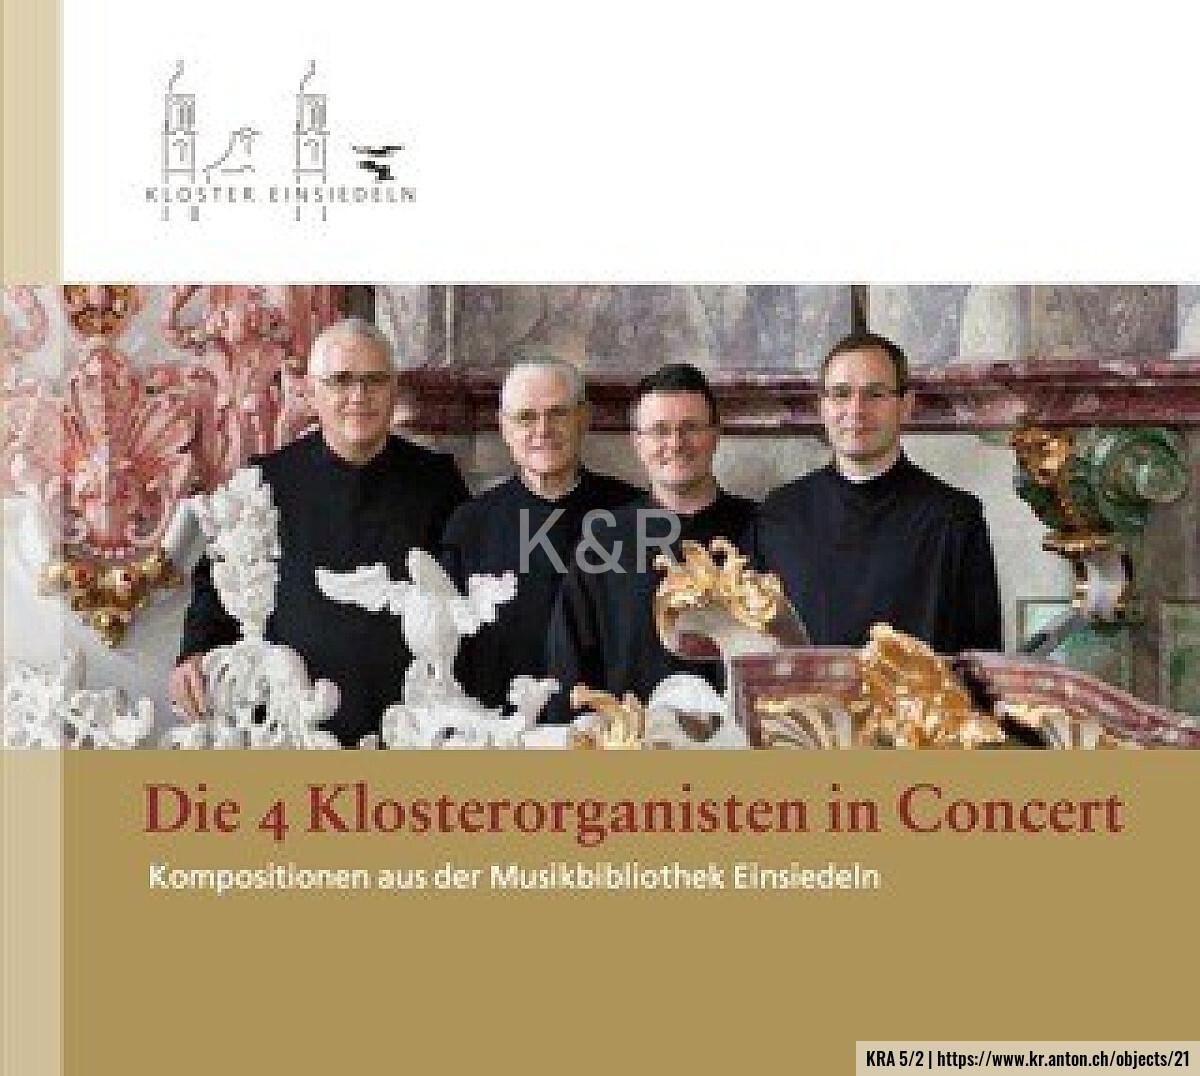 KRA 5/2: Die 4 Klosterorganisten in Concert. Kompositionen aus der Musikbibliothek Einsiedeln